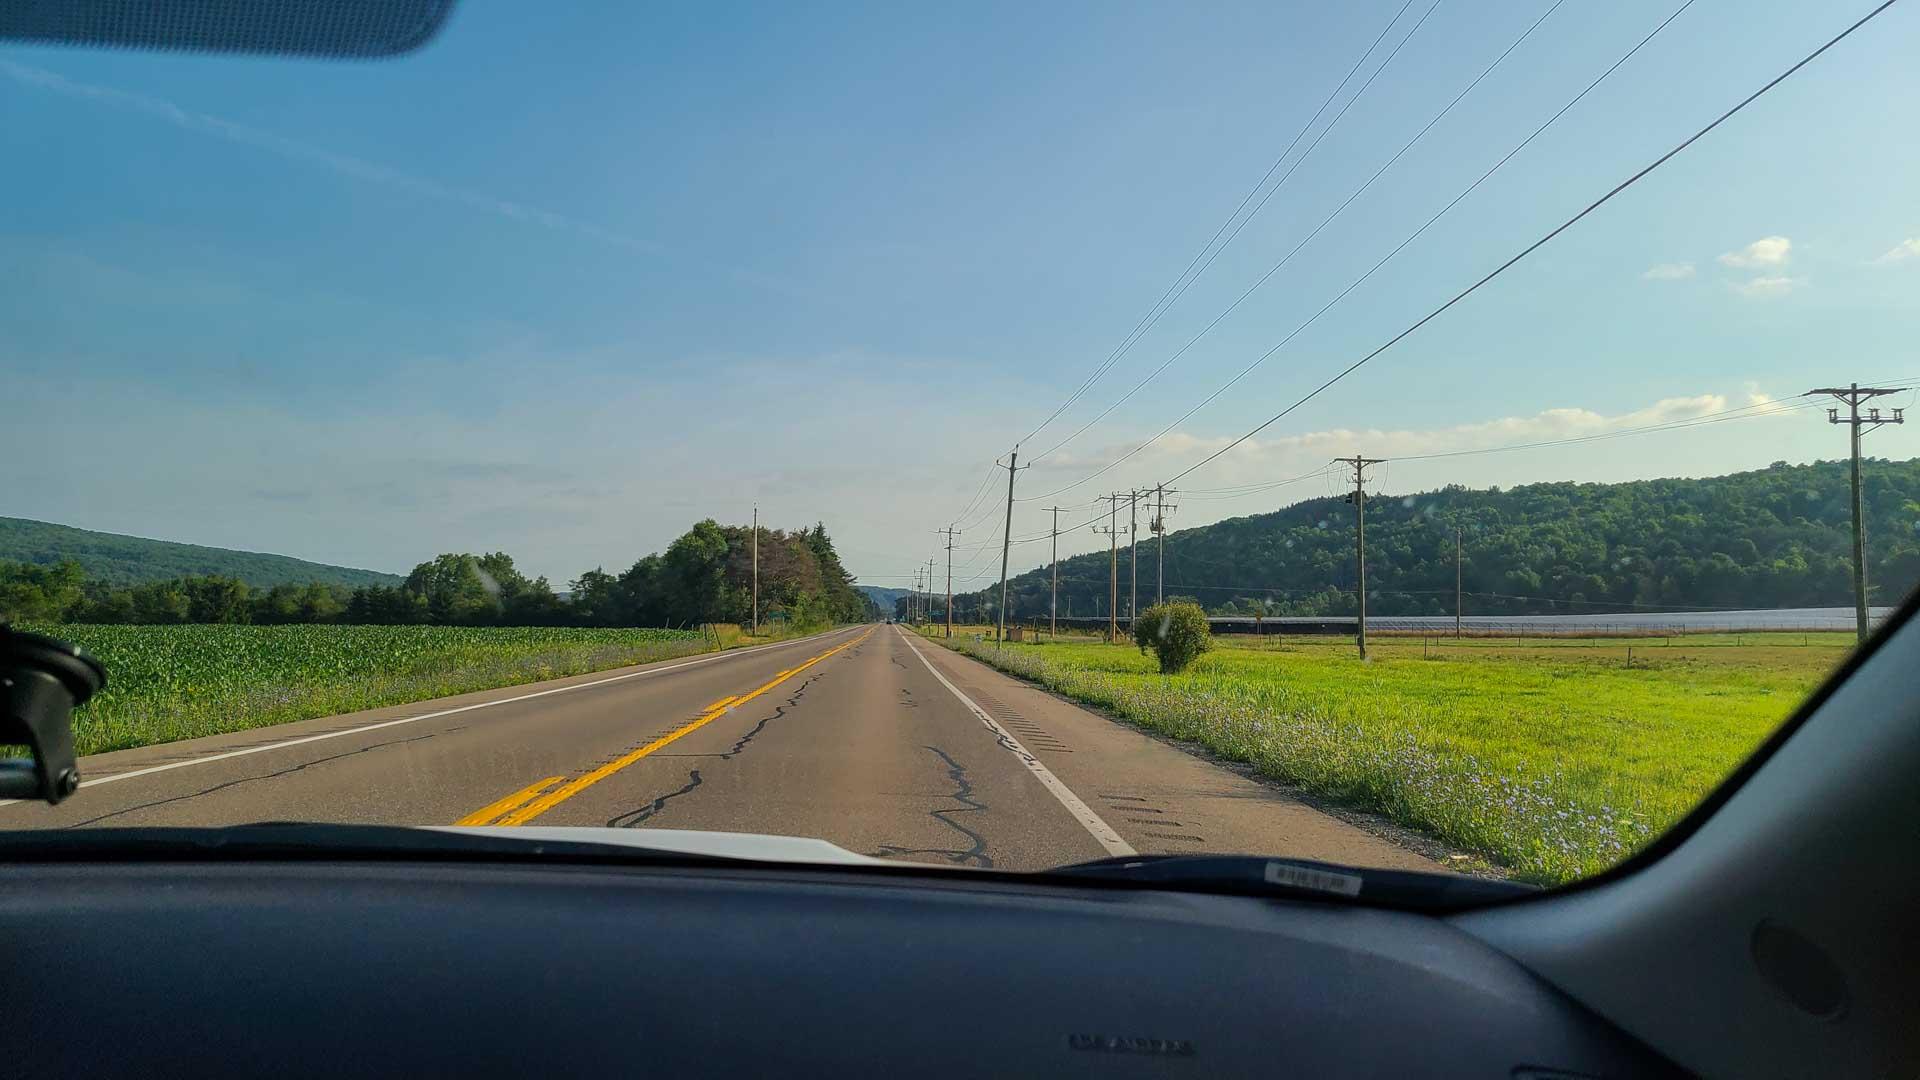 ¡Comienza nuestro road trip!